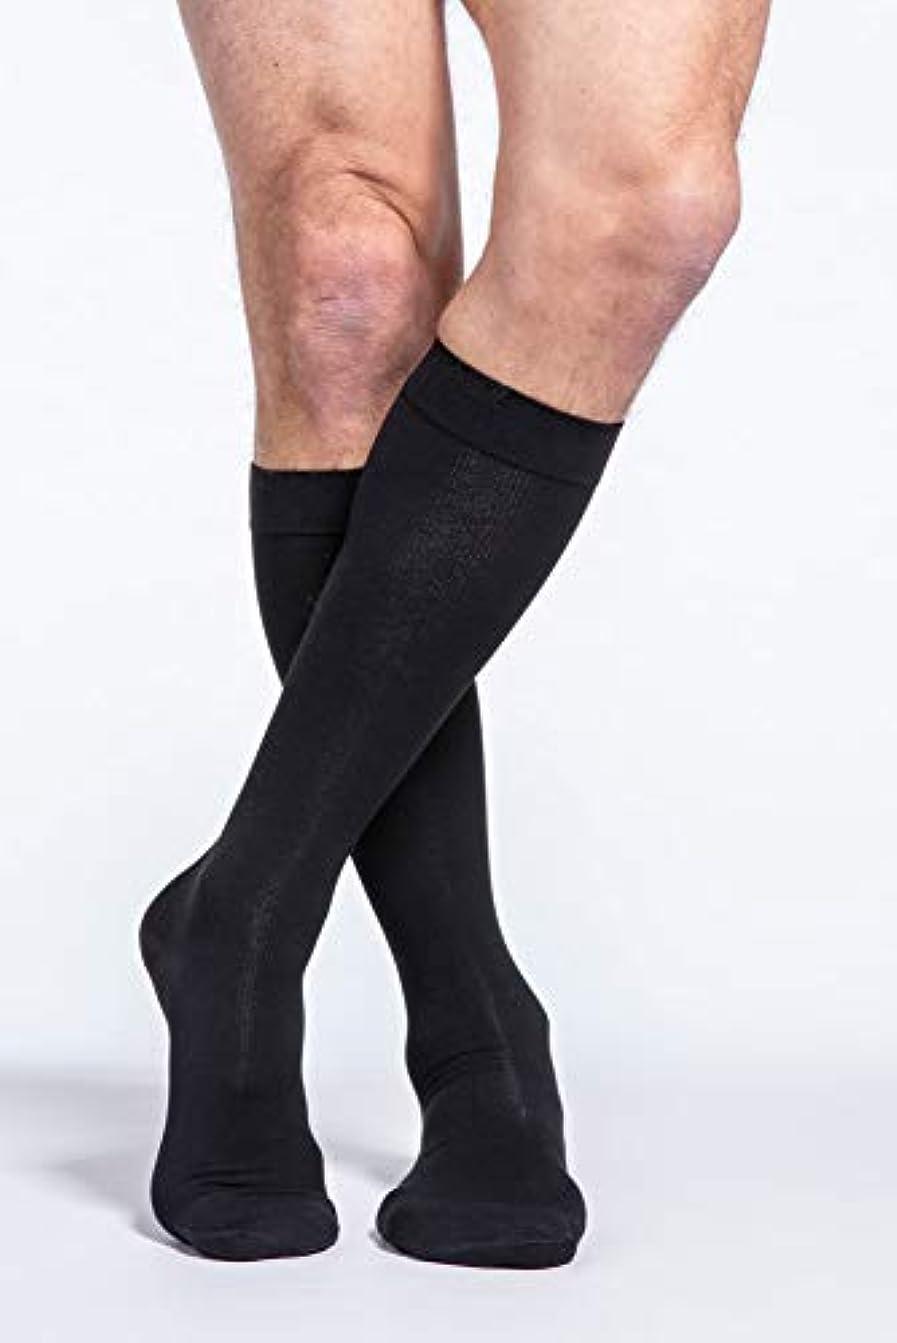 対象アンタゴニスト動作Sigvaris Men's Cotton Knee High 30-40mmHg Closed Toe Short Length, Medium Short, Black by Sigvaris